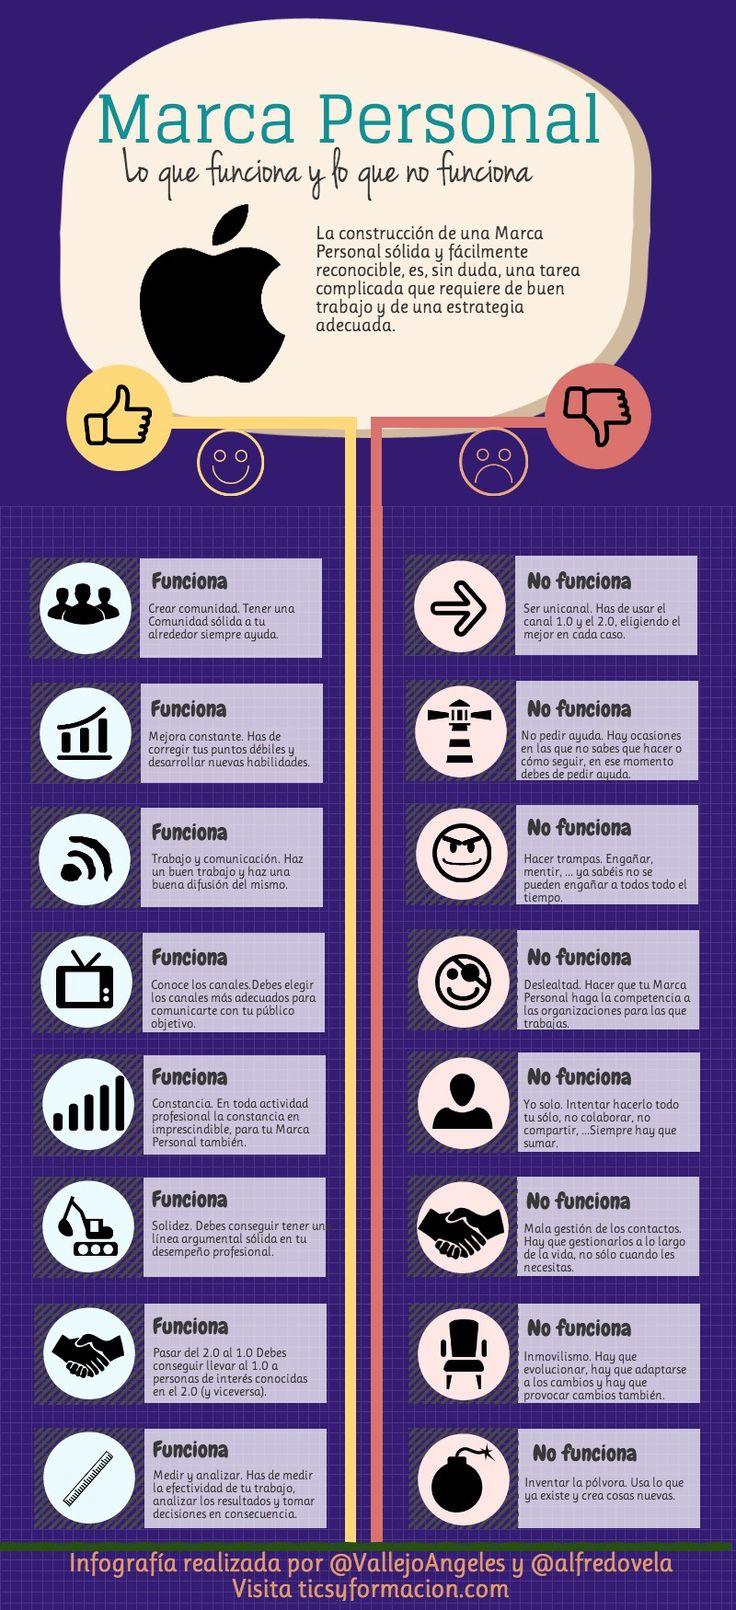 Marca Personal: lo que funciona y lo que no. #infografia